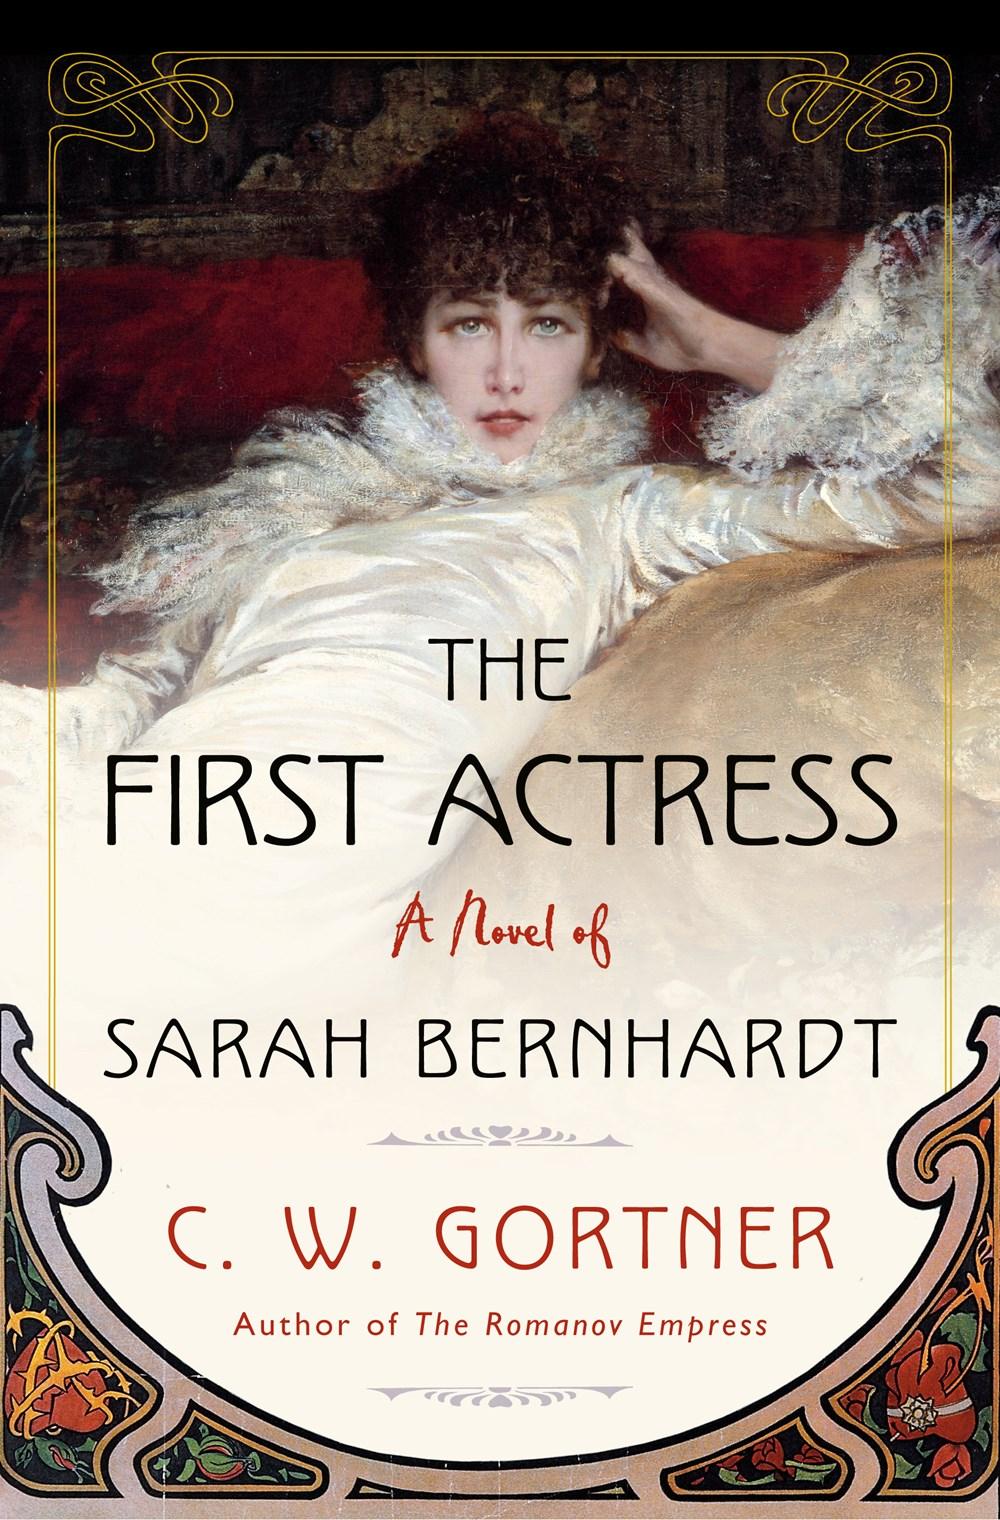 First Actress